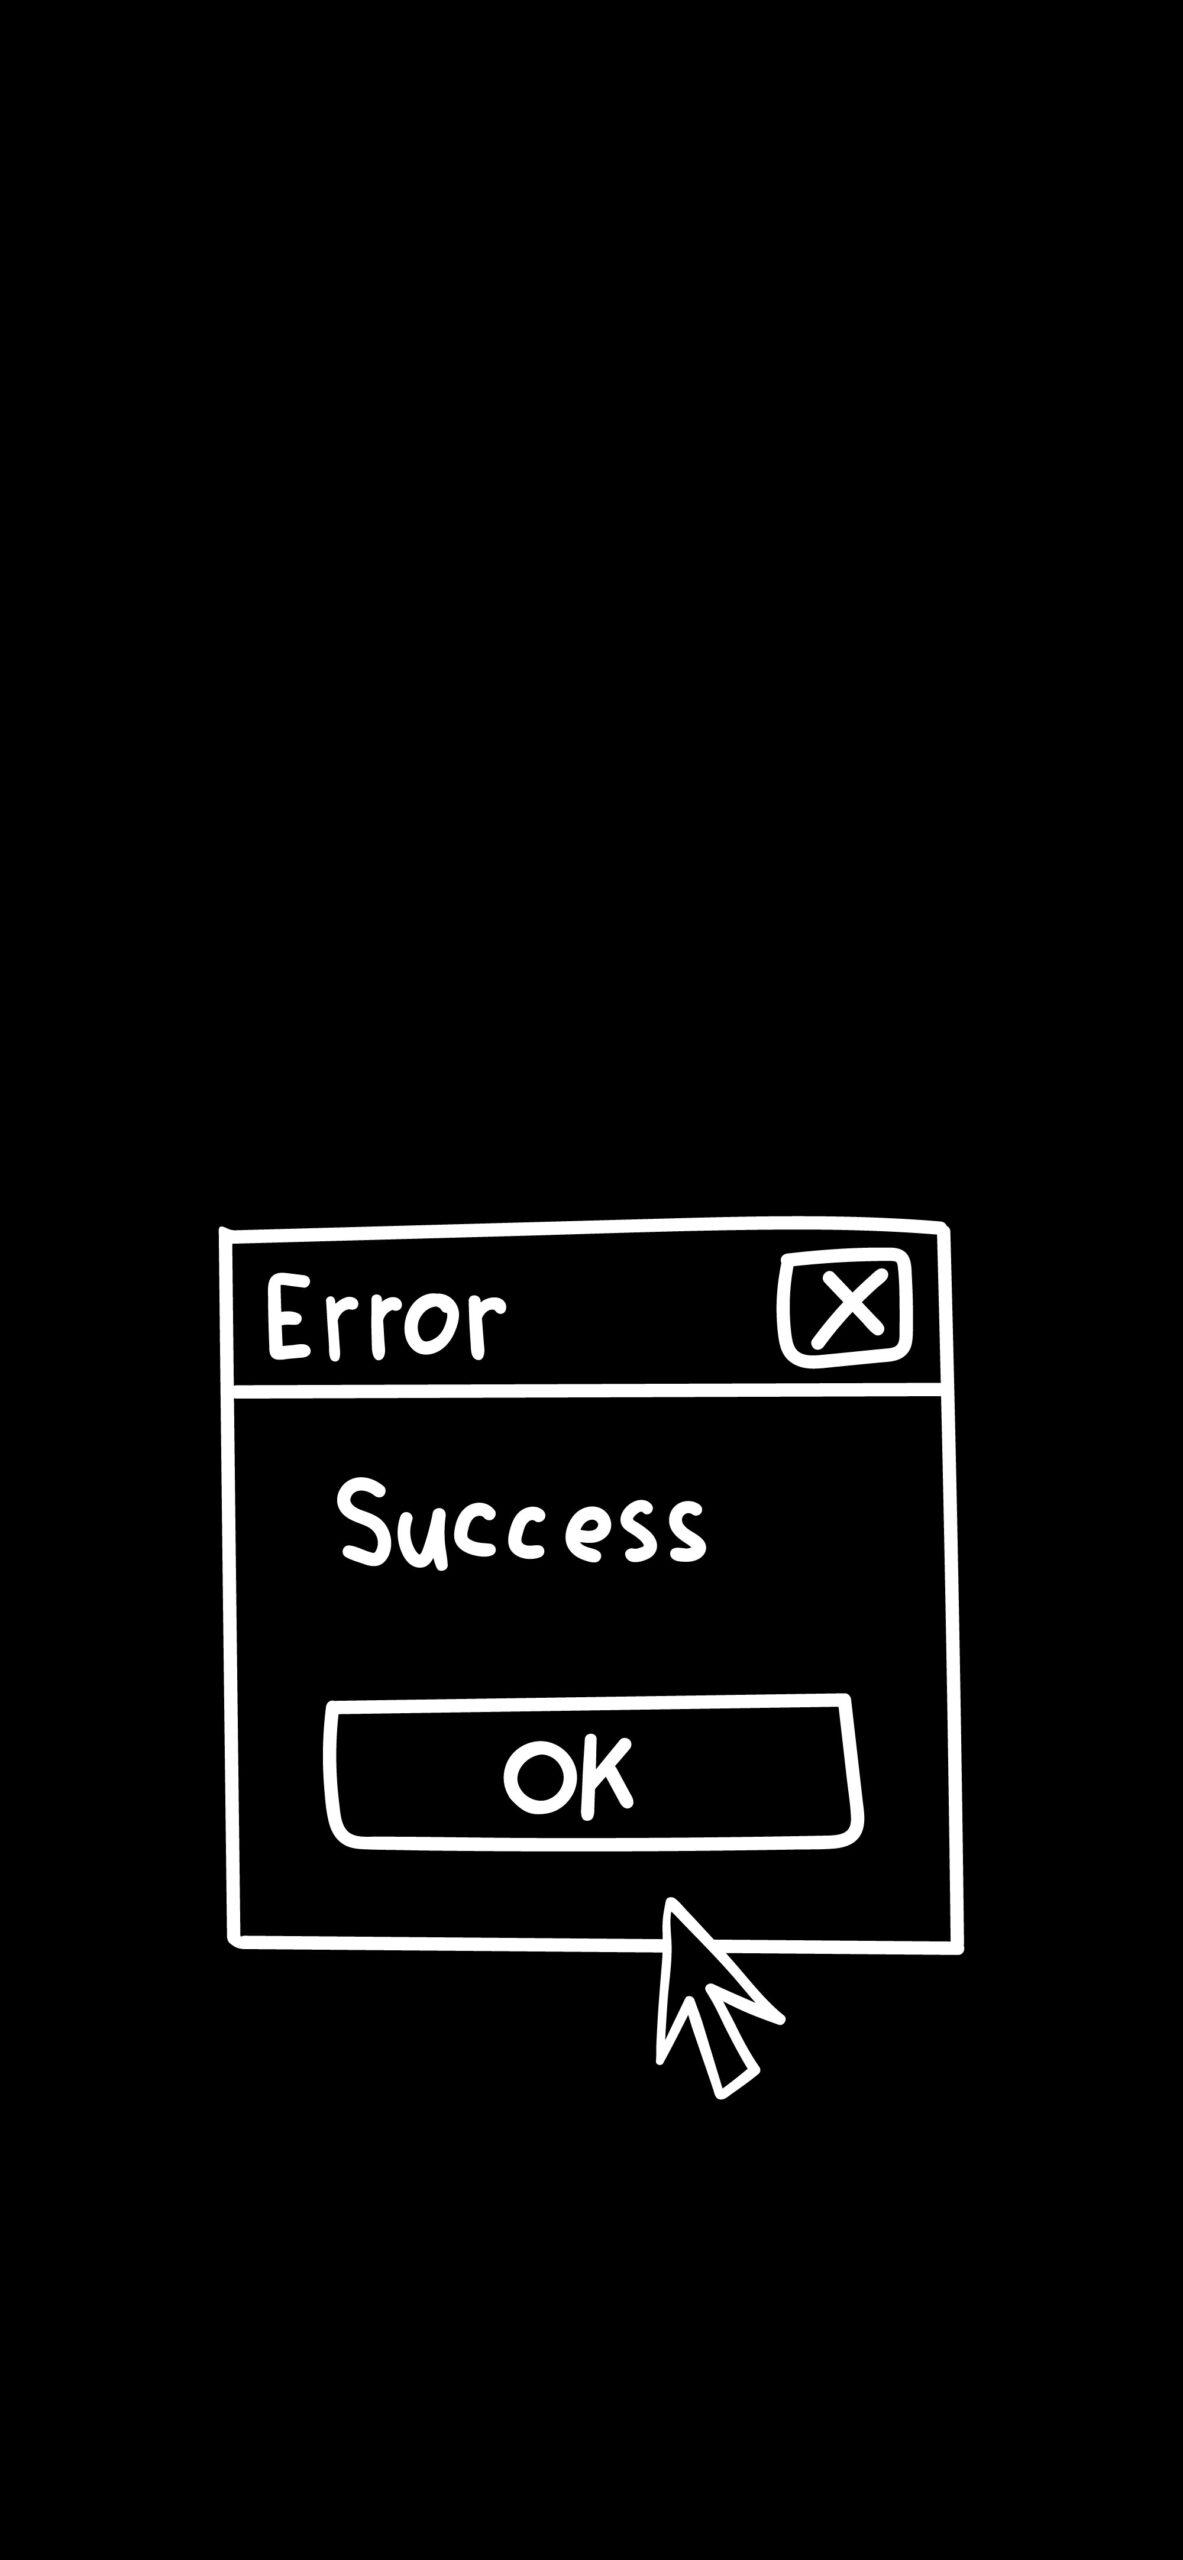 error success black wallpaper